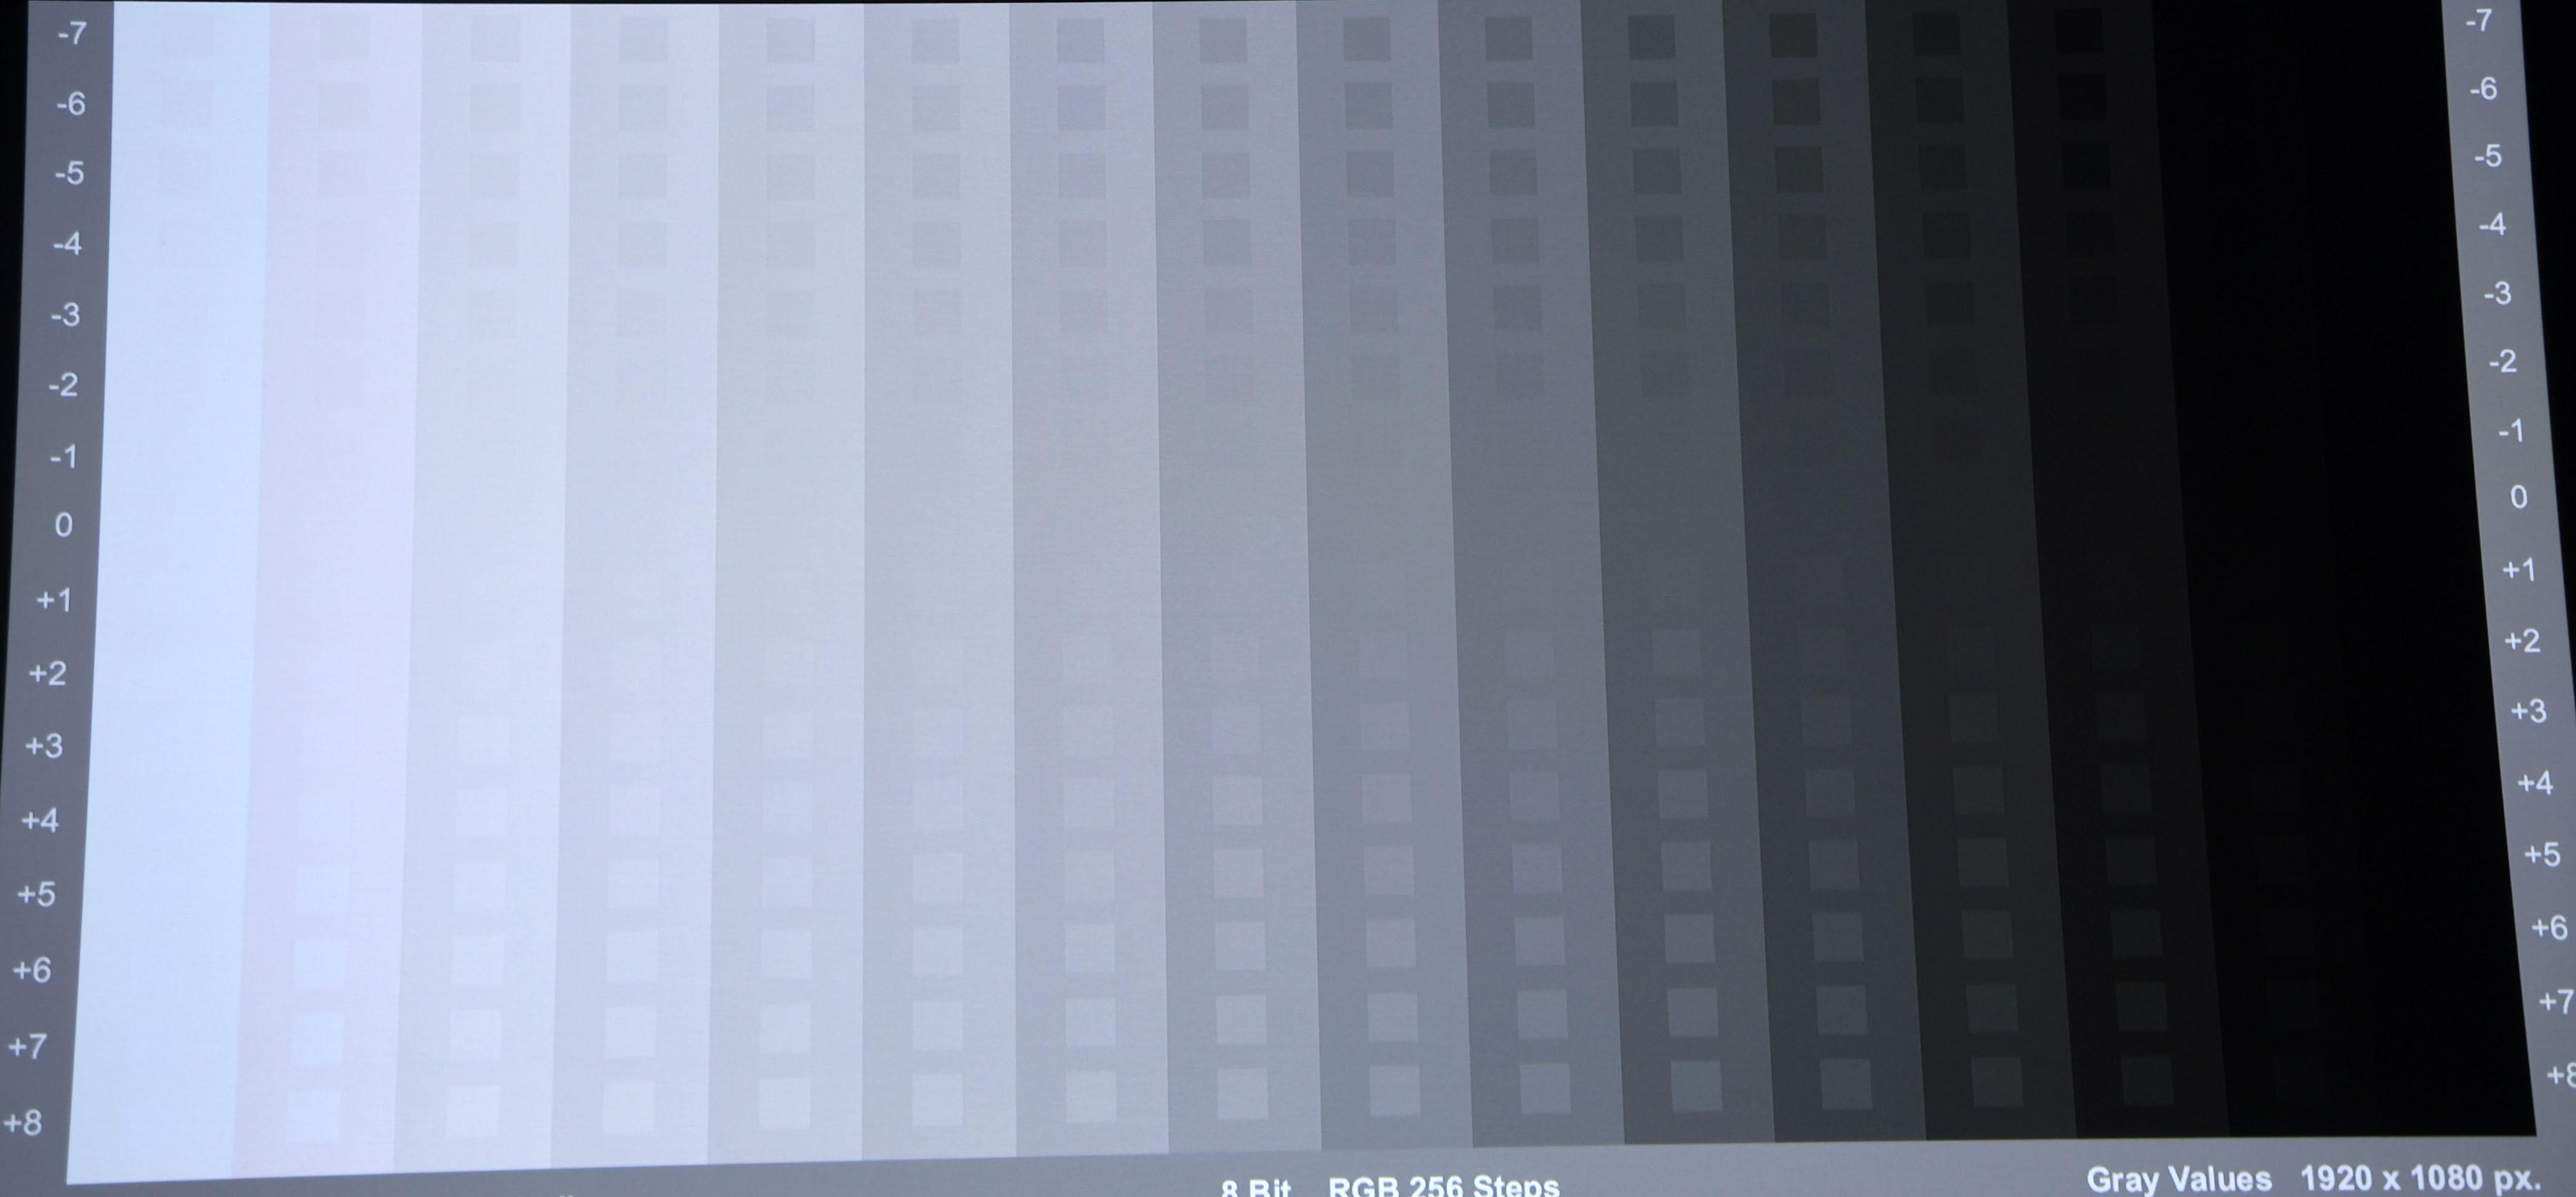 Grautreppe von Burosch: In der Werkseinstellung (Bildmodus TV) sind Blauüberschuss und Farbclipping gut zu erkennen. Vor allem die hellen Bereiche leiden ein wenig unter den sichtbaren Verfärbungen. Außerdem gehen Details nahe Weiß und Schwarz verloren.